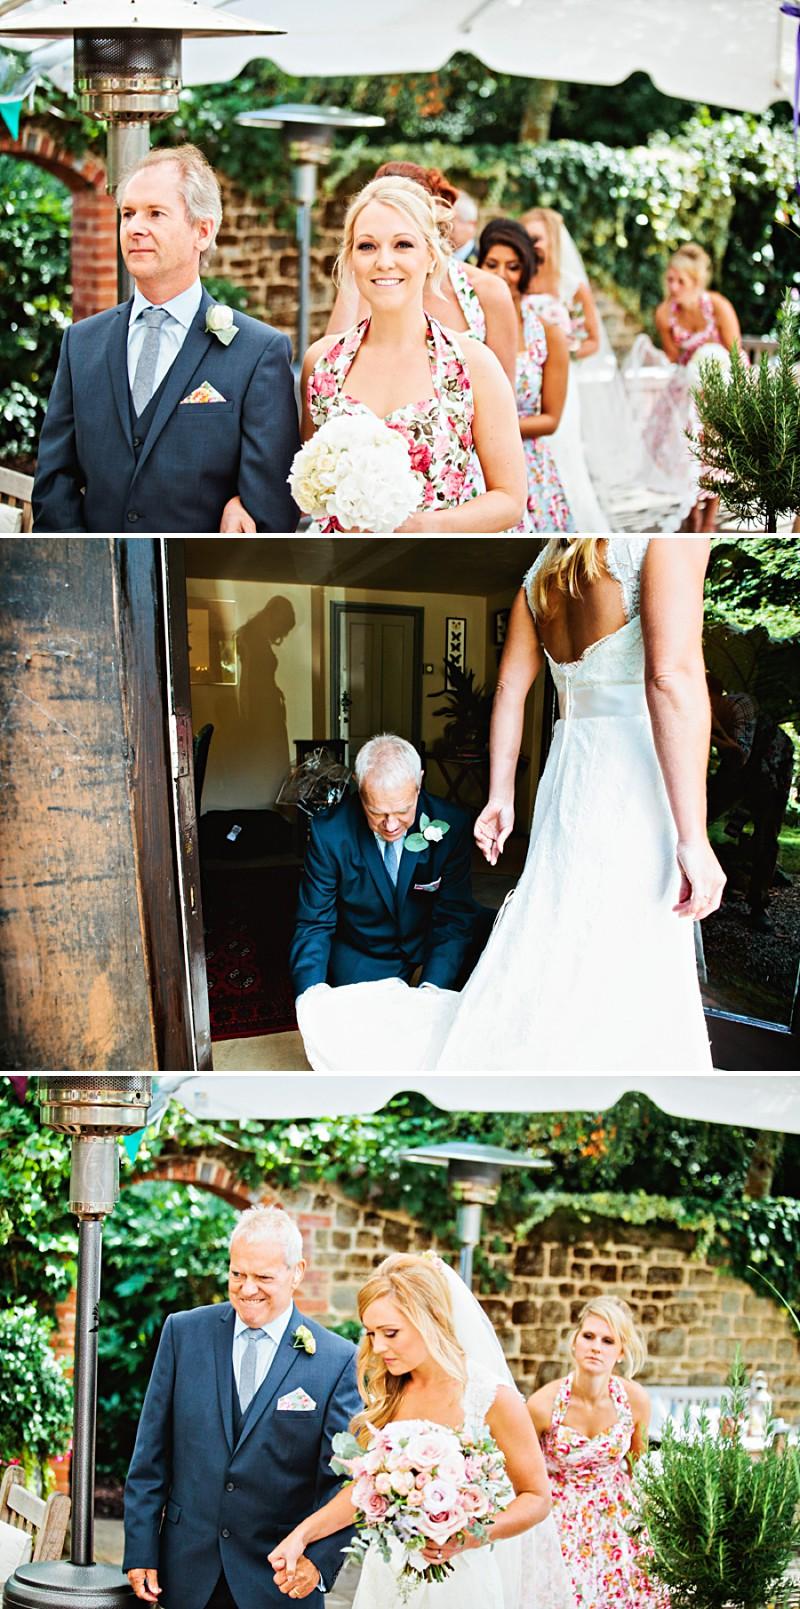 Passing Rings Around At Wedding